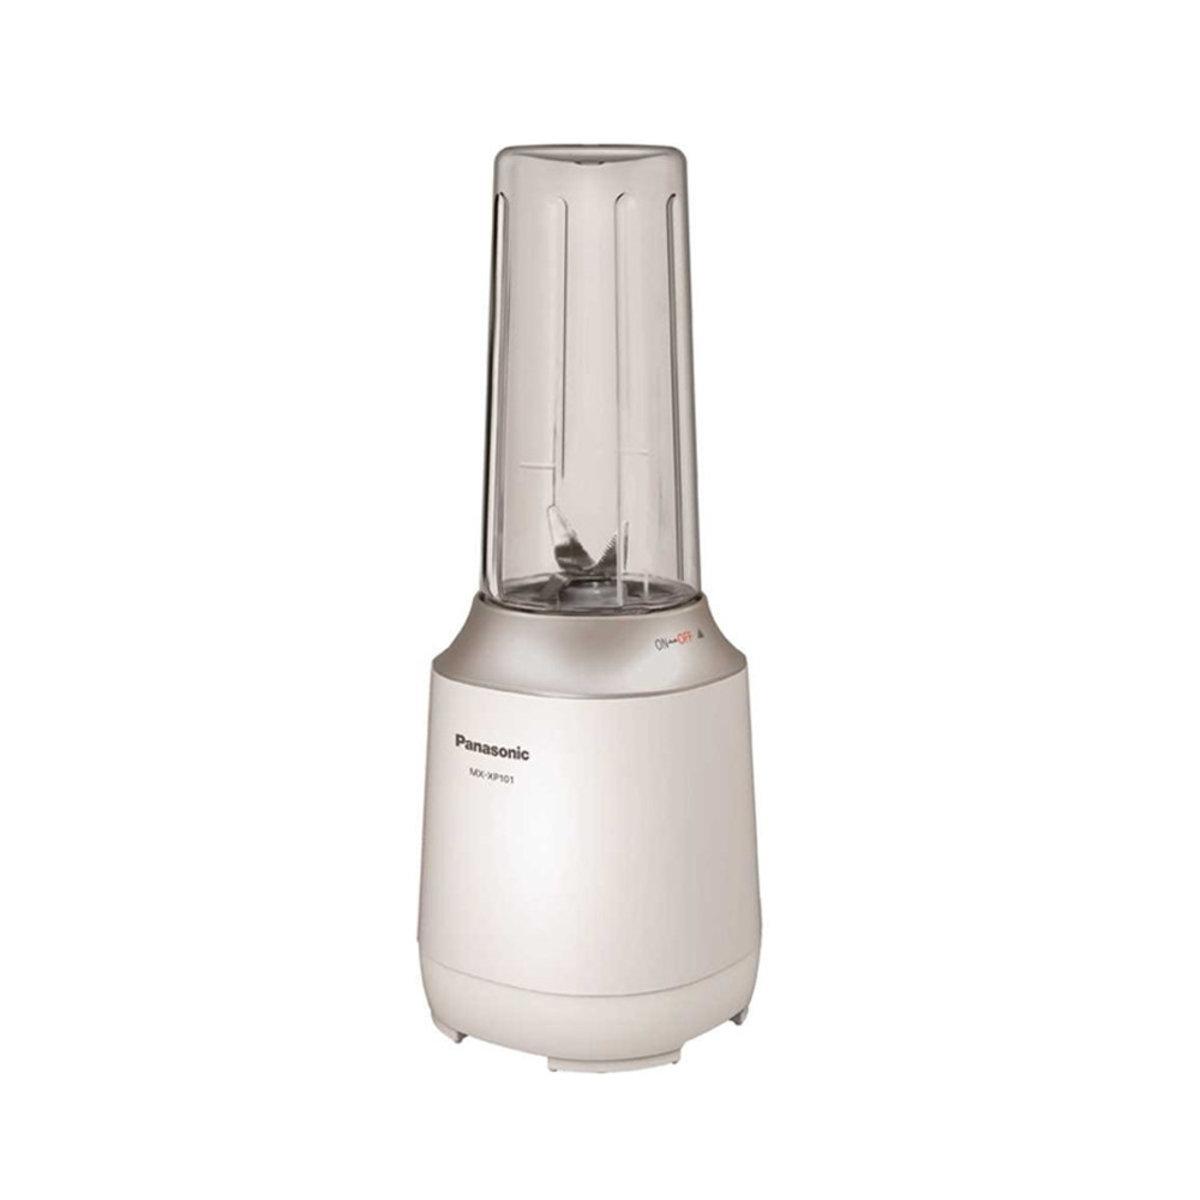 便攜式攪拌機 - MX-XP101 (珍珠白) + 額外便攜杯一隻